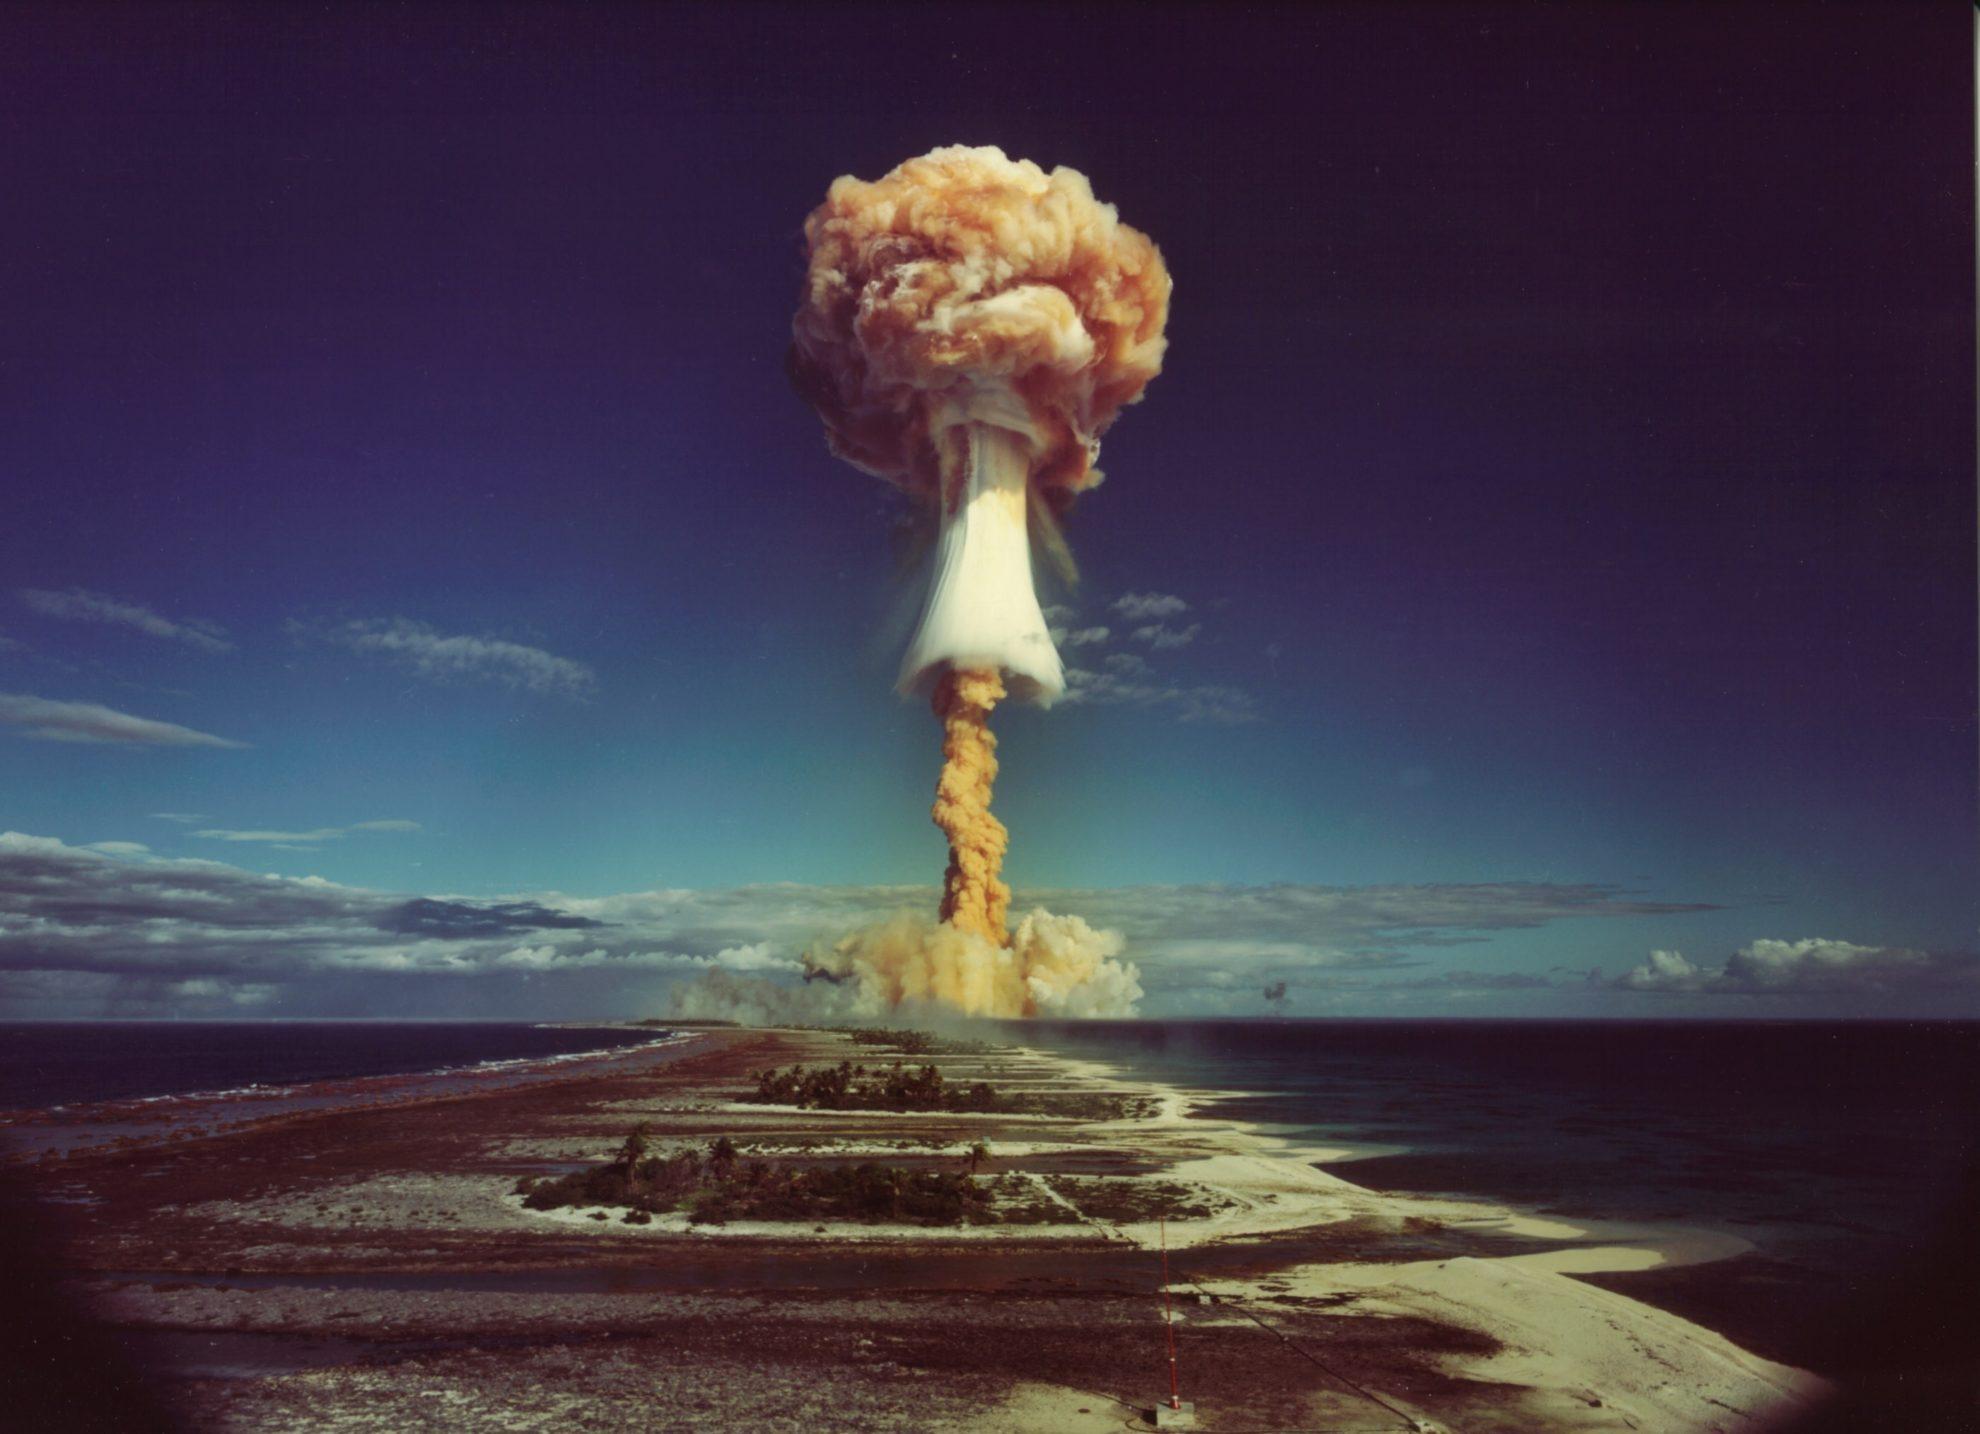 Фото ядерного взрыва французского правительства на атолле Муруроа в 1971 г